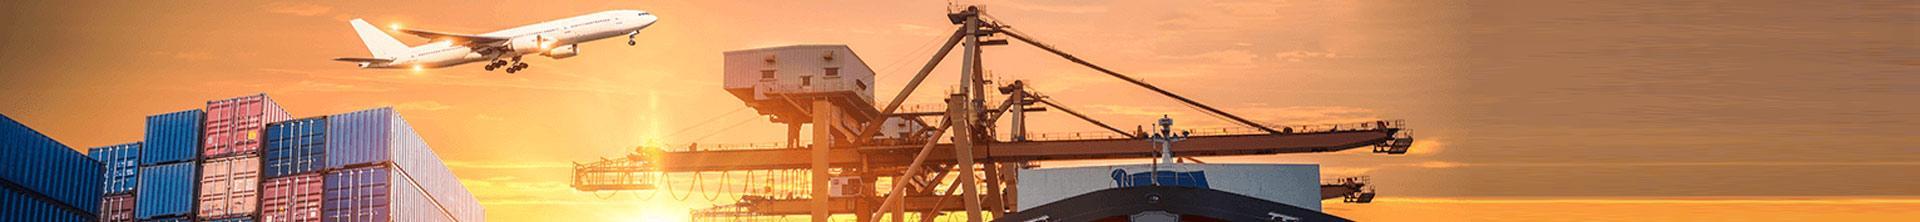 Supplier network banner